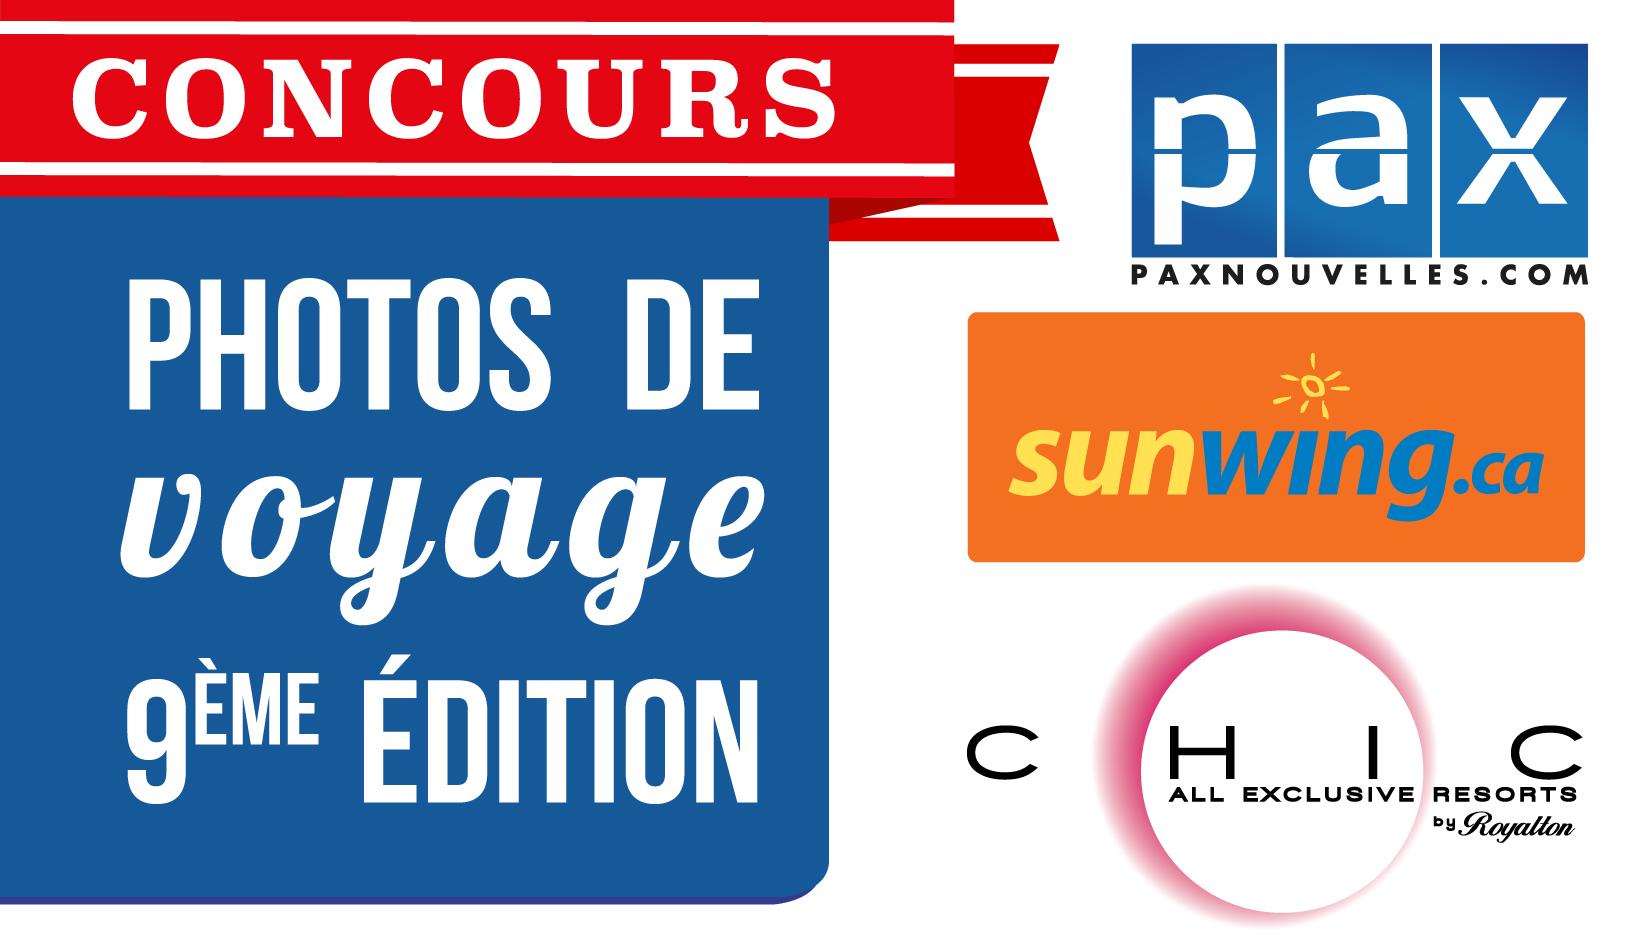 Concours photos de voyage PAXnouvelles.com – Sunwing : le temps des votes